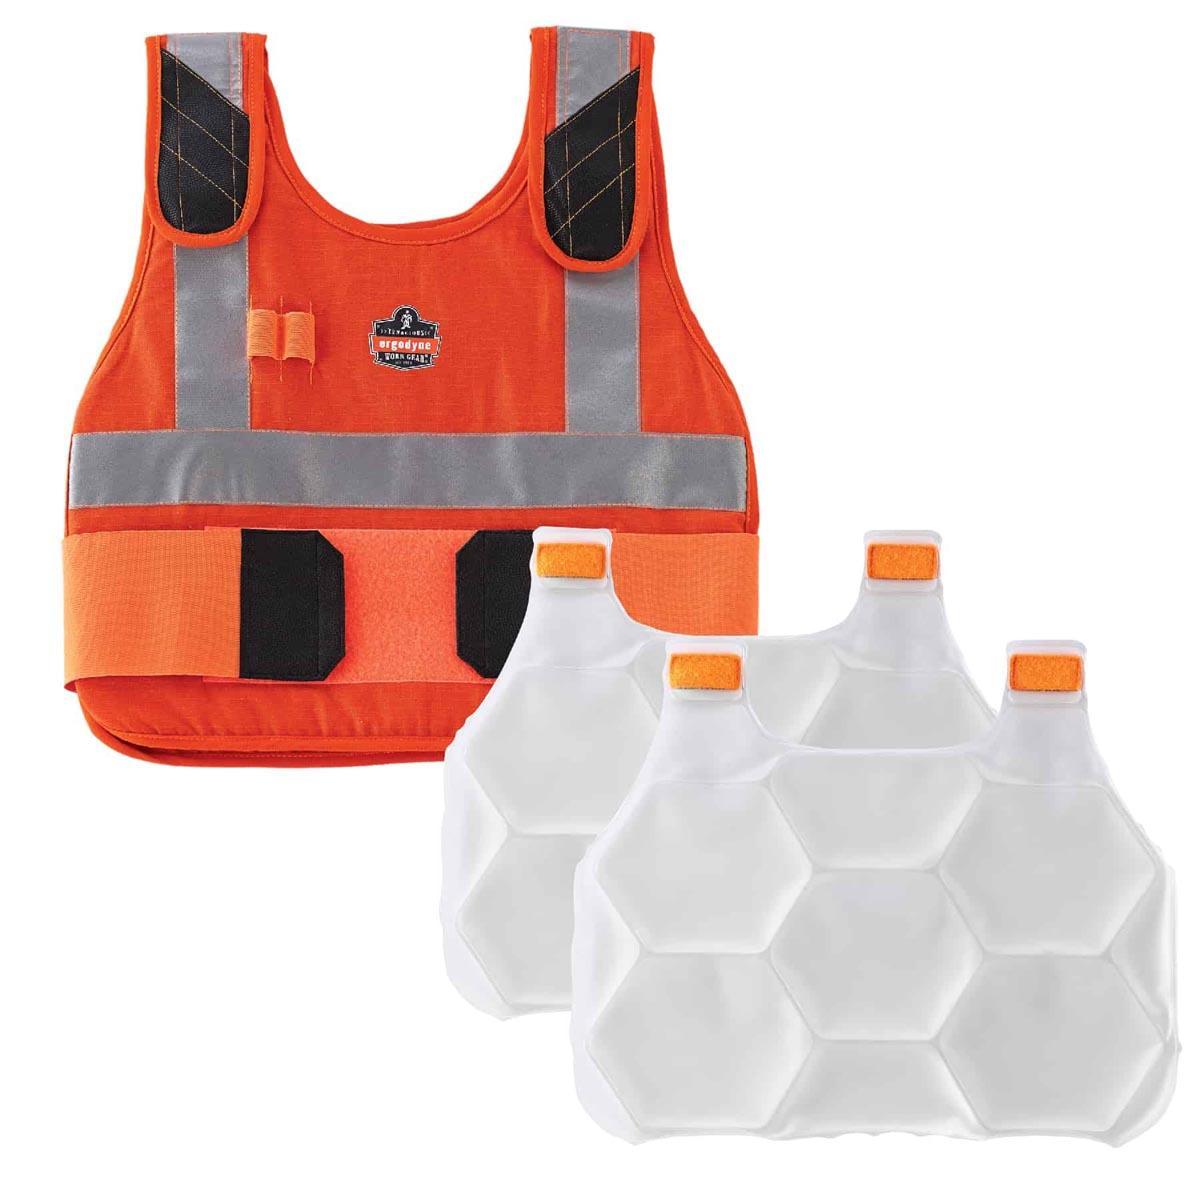 6215 L/XL Orange Phase Change Cooling Vest & Pack